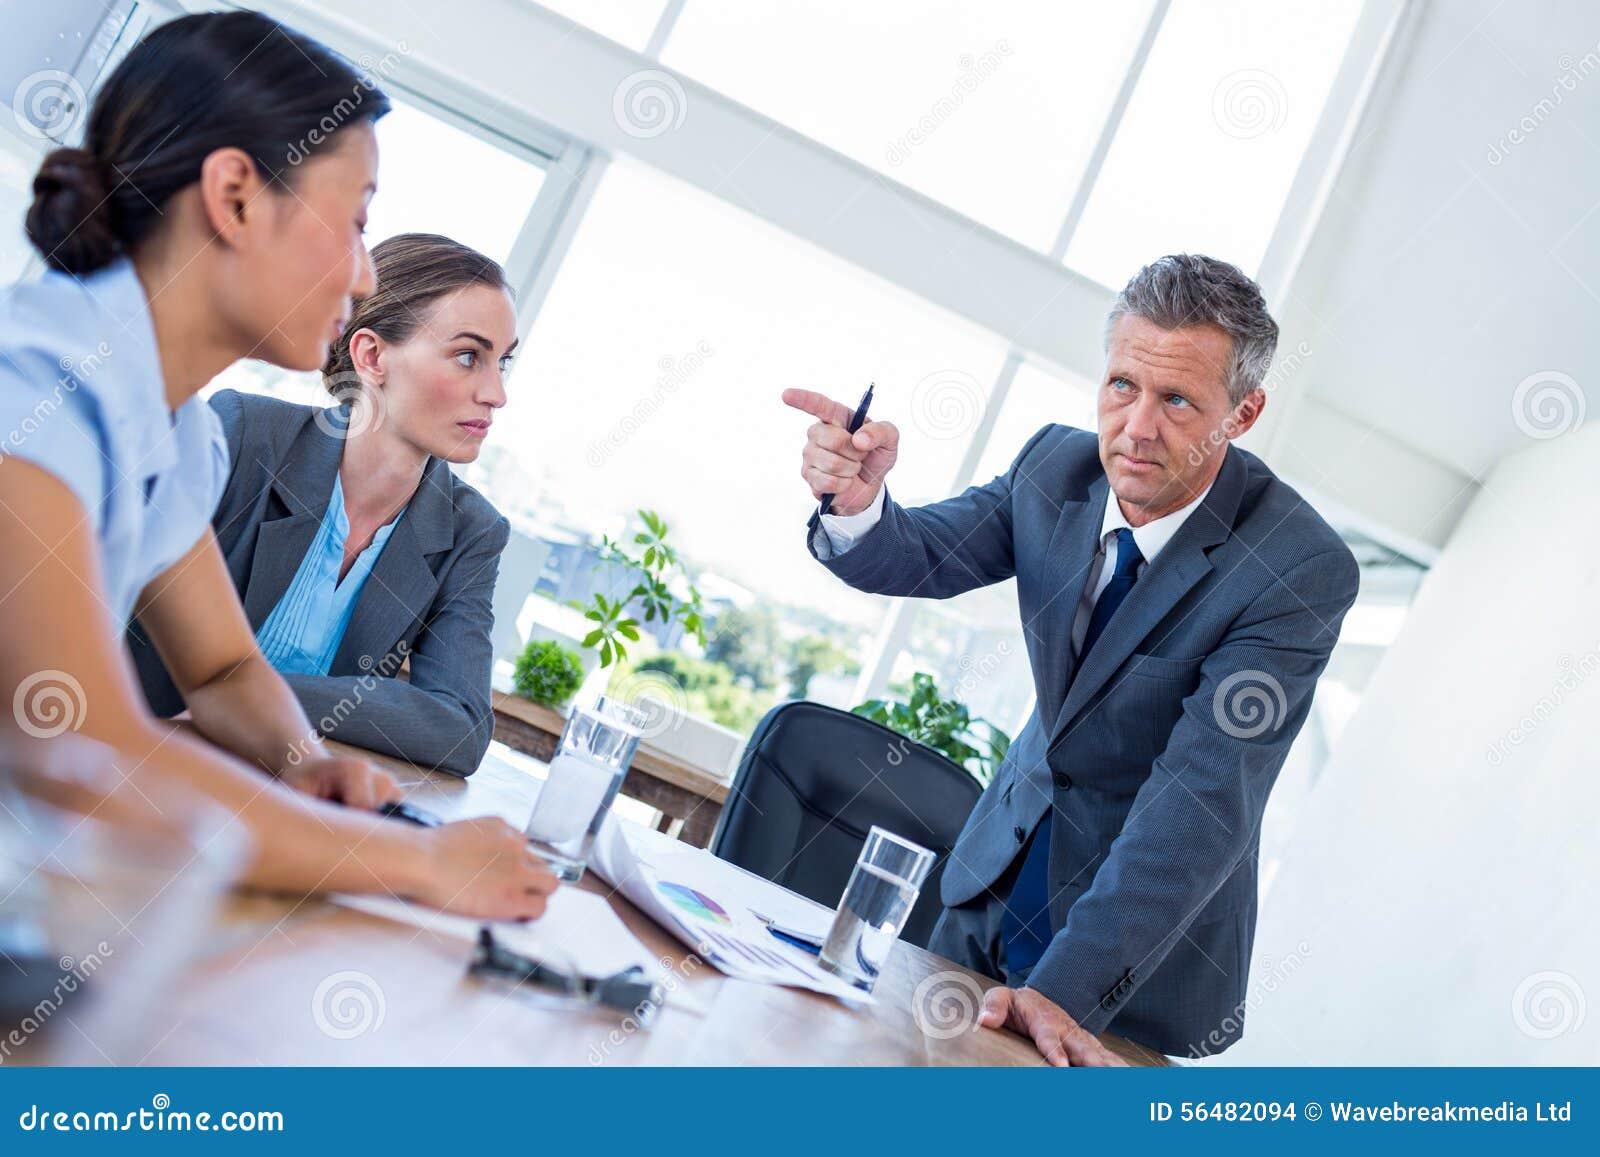 Homme d affaires dirigeant ses collègues au cours de la réunion